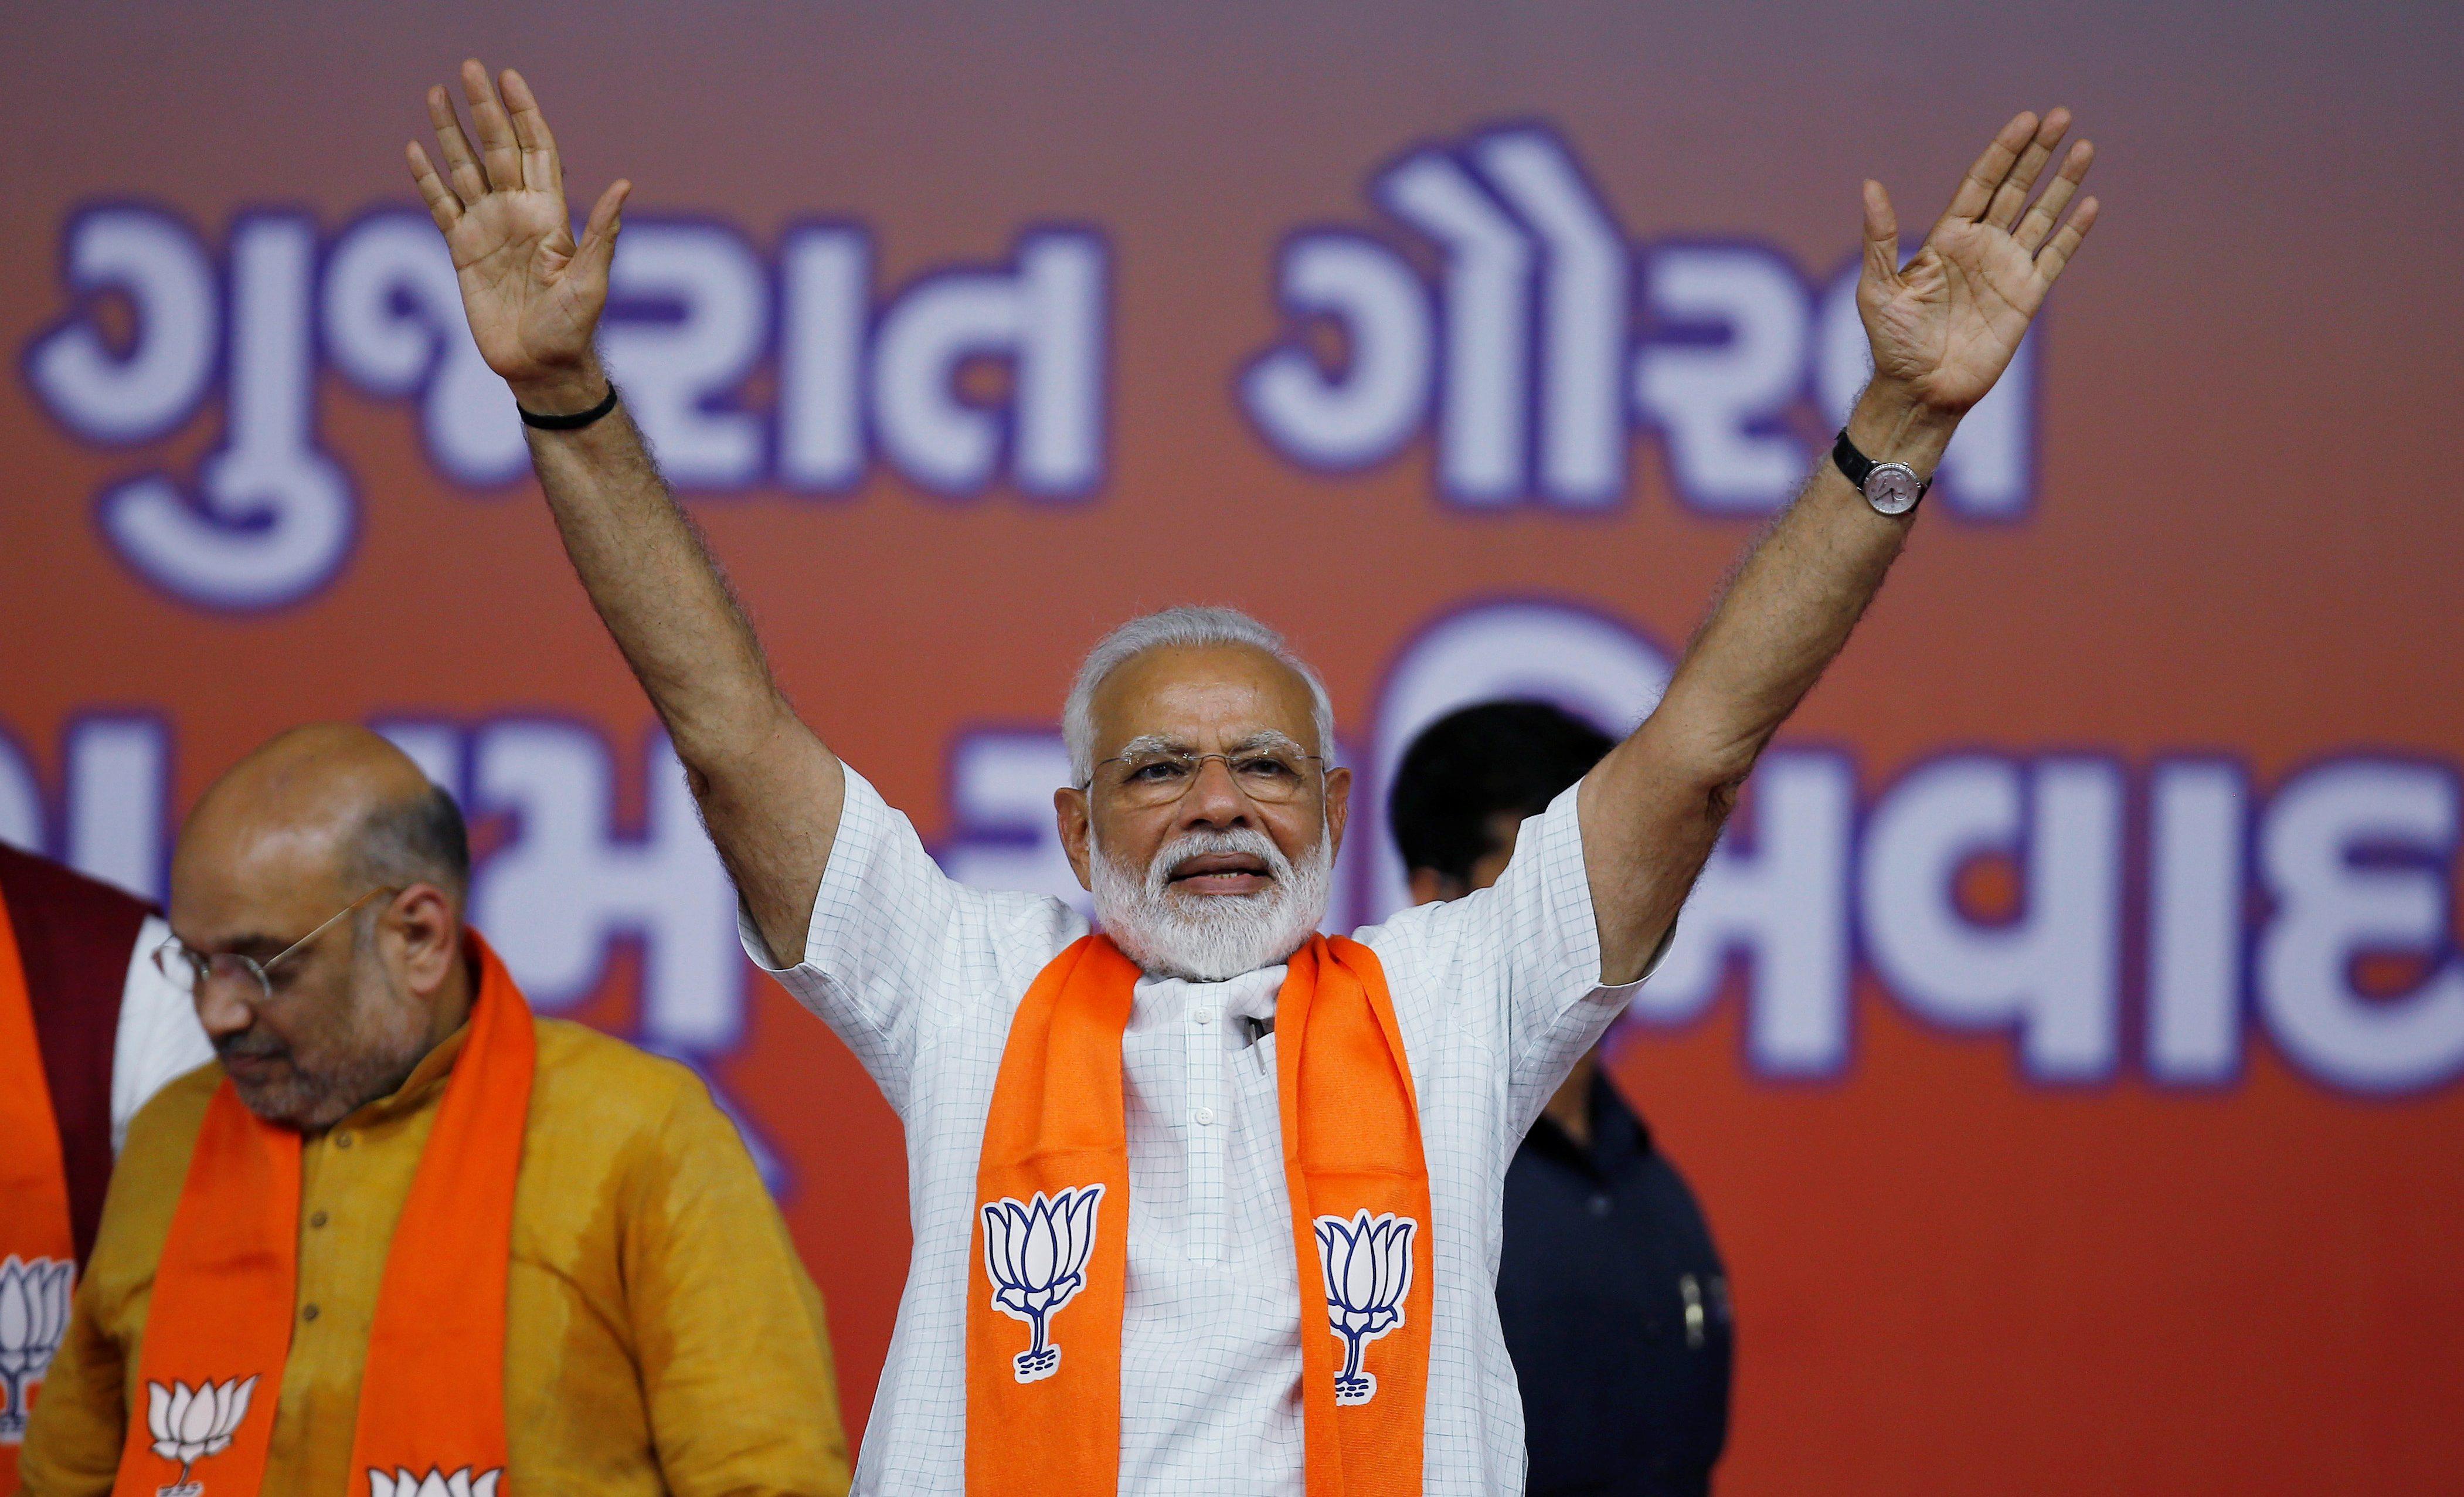 Modi more admired than Pope Francis, Dalai Lama, Ronaldo, Messi